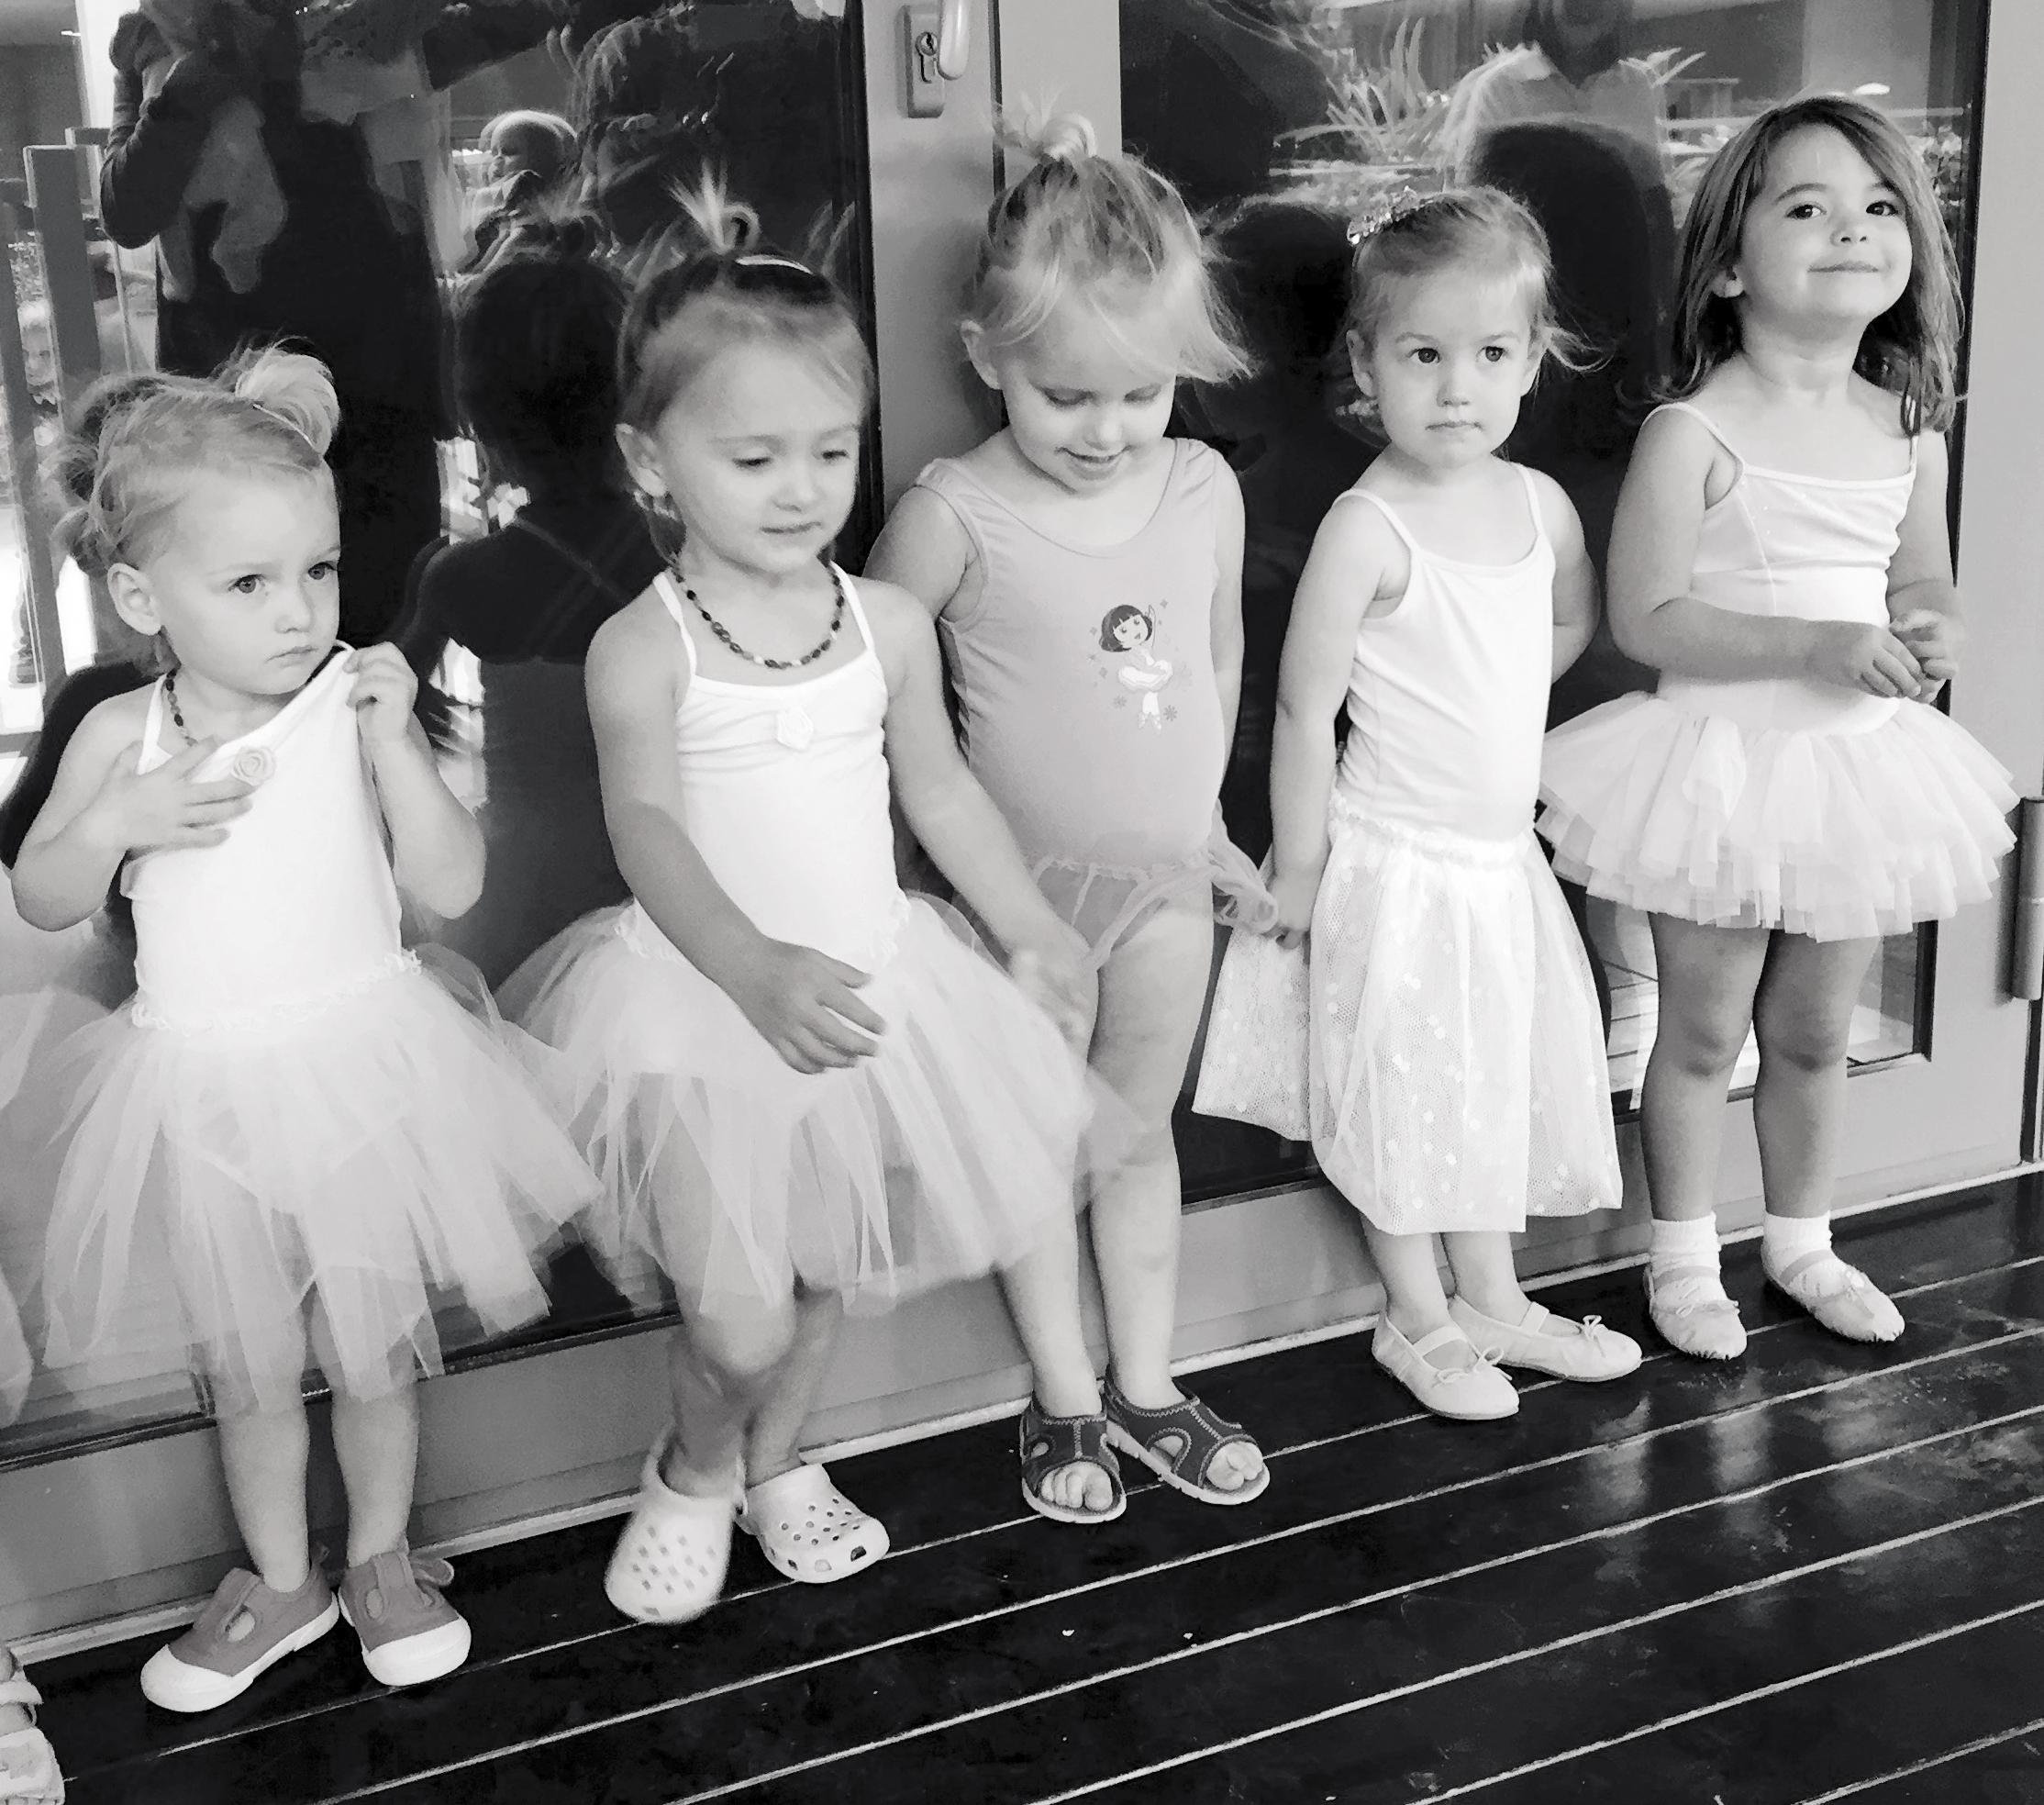 Scarlett, Zoe, Evie, Maddie and Amelia